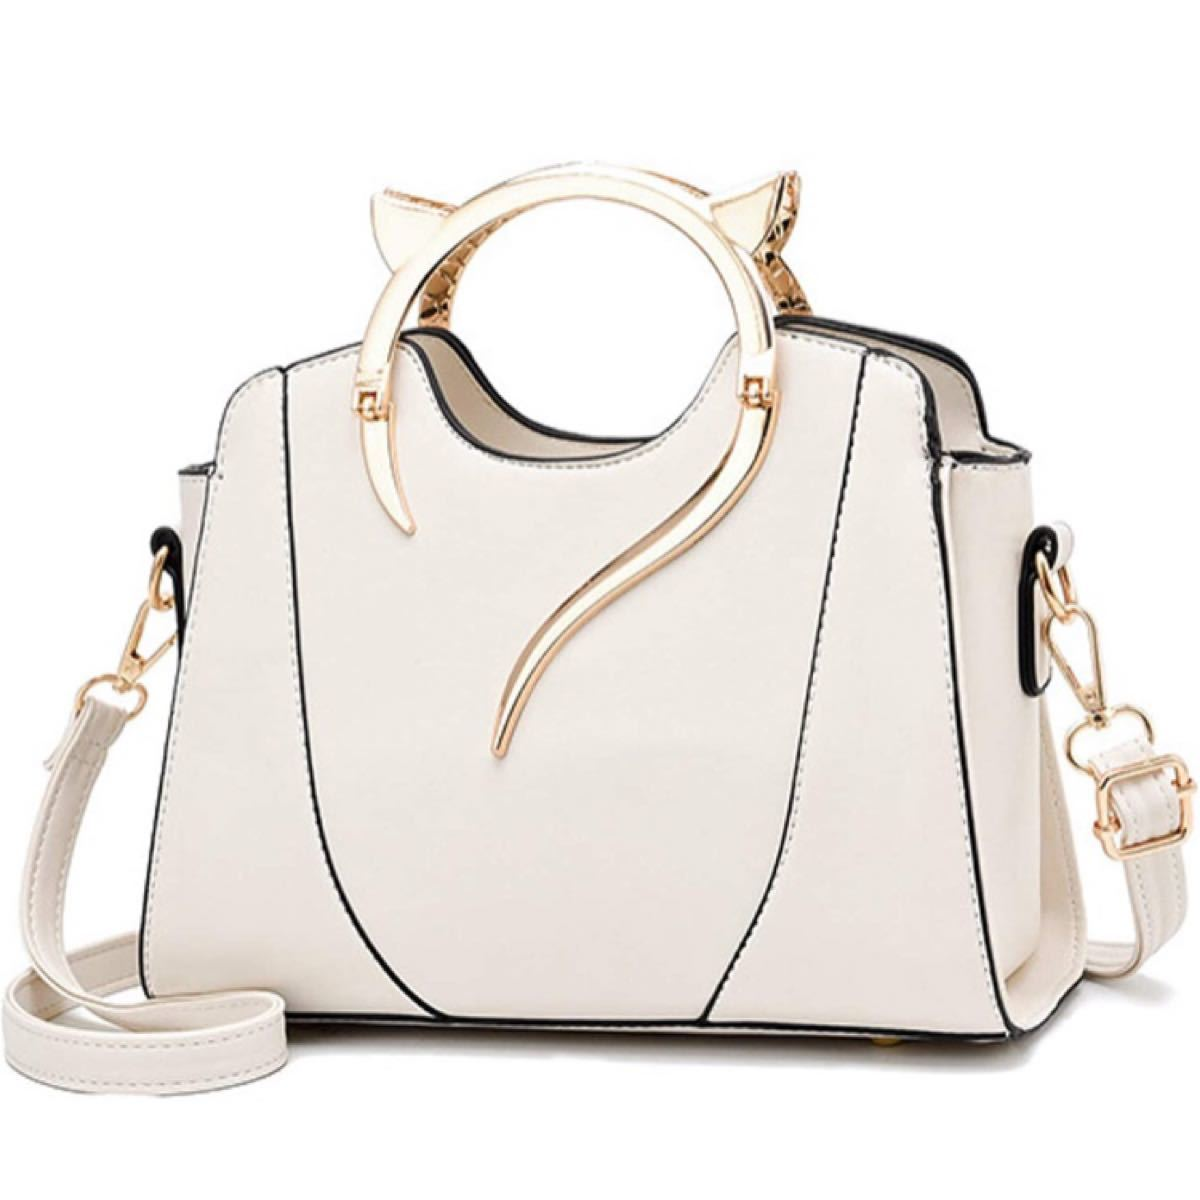 専用   バッグ ハンドバッグ ショルダーバッグ 斜めがけ 猫耳 2way ハンド ショルダー 猫 ネコ レディース ホワイト 白